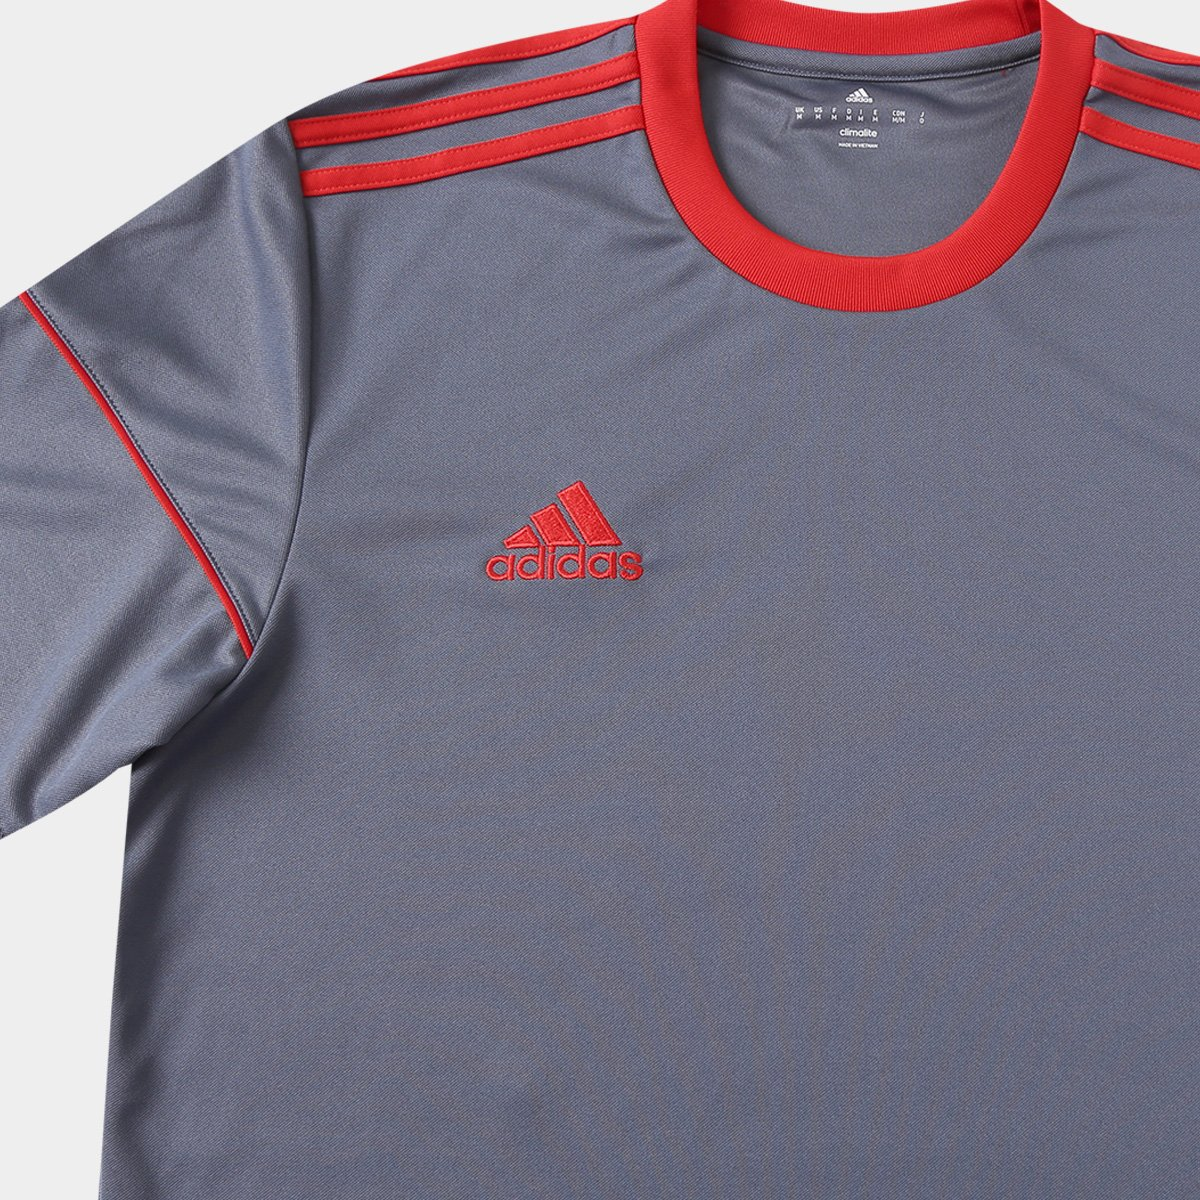 d757a428ae Camisa Adidas Squadra 17 Masculina - Cinza - Compre Agora